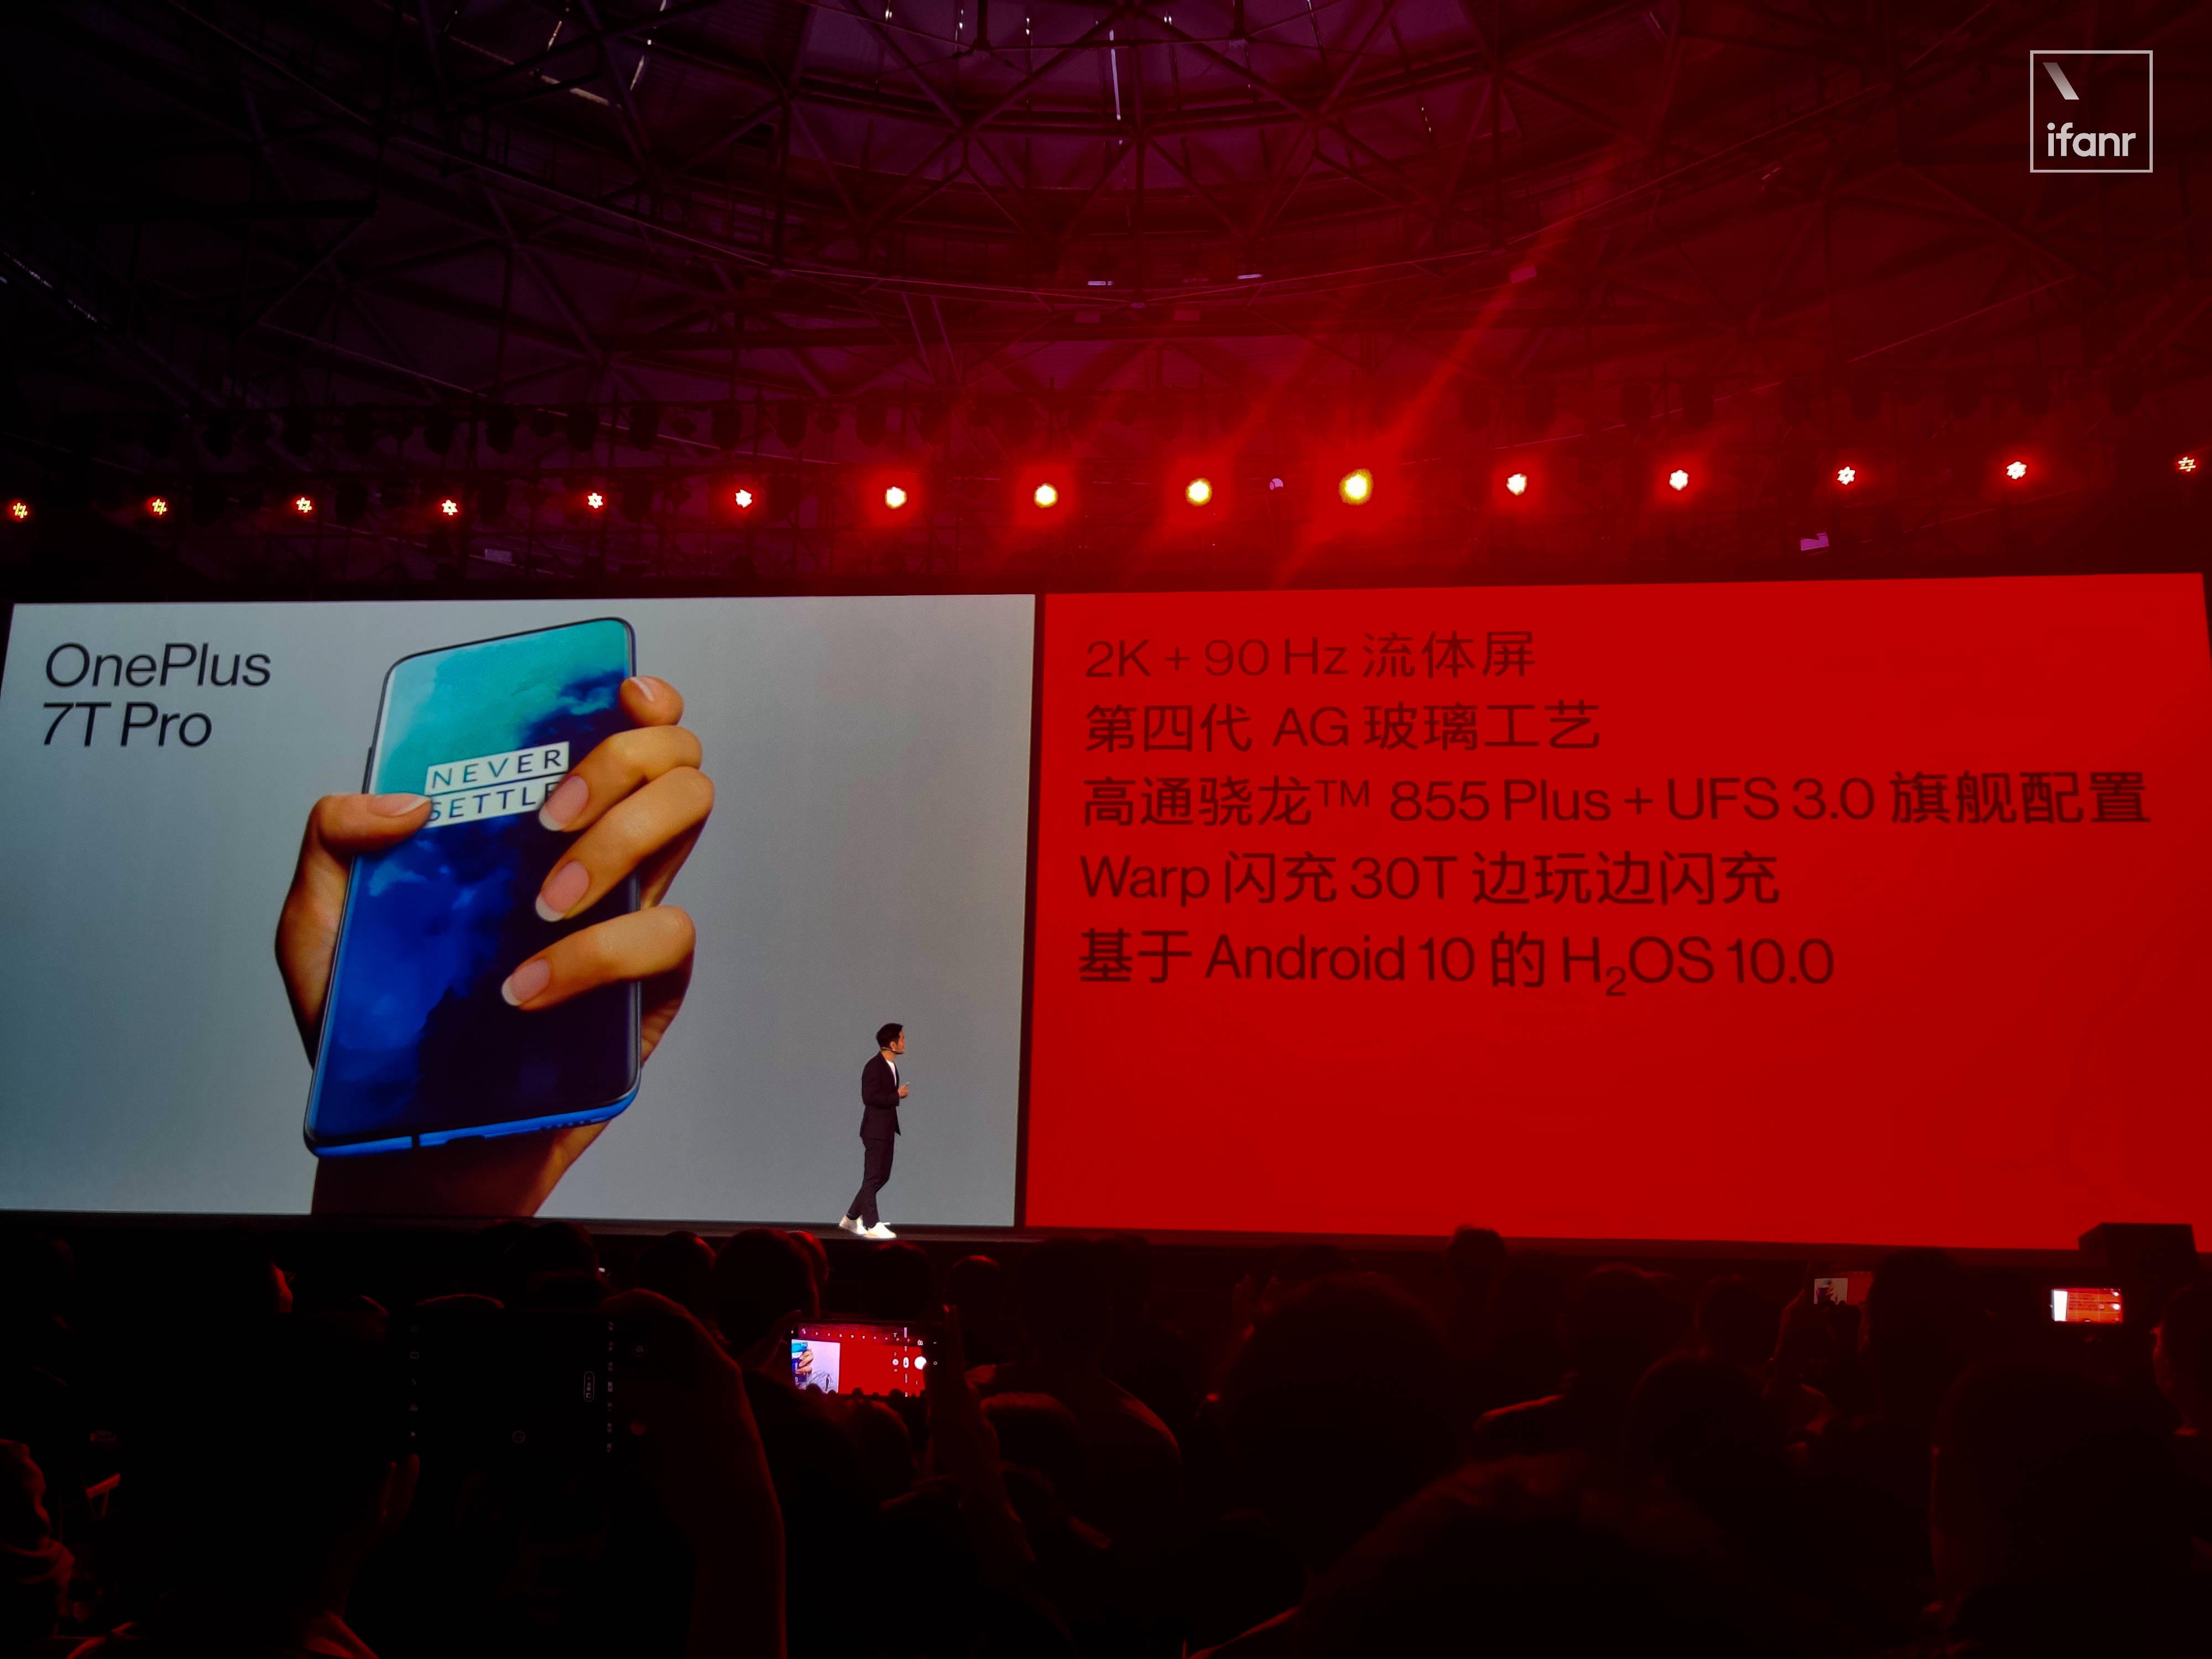 一加 7T 系列发布:7T 升级幅度大,全系标配 90Hz 流体屏